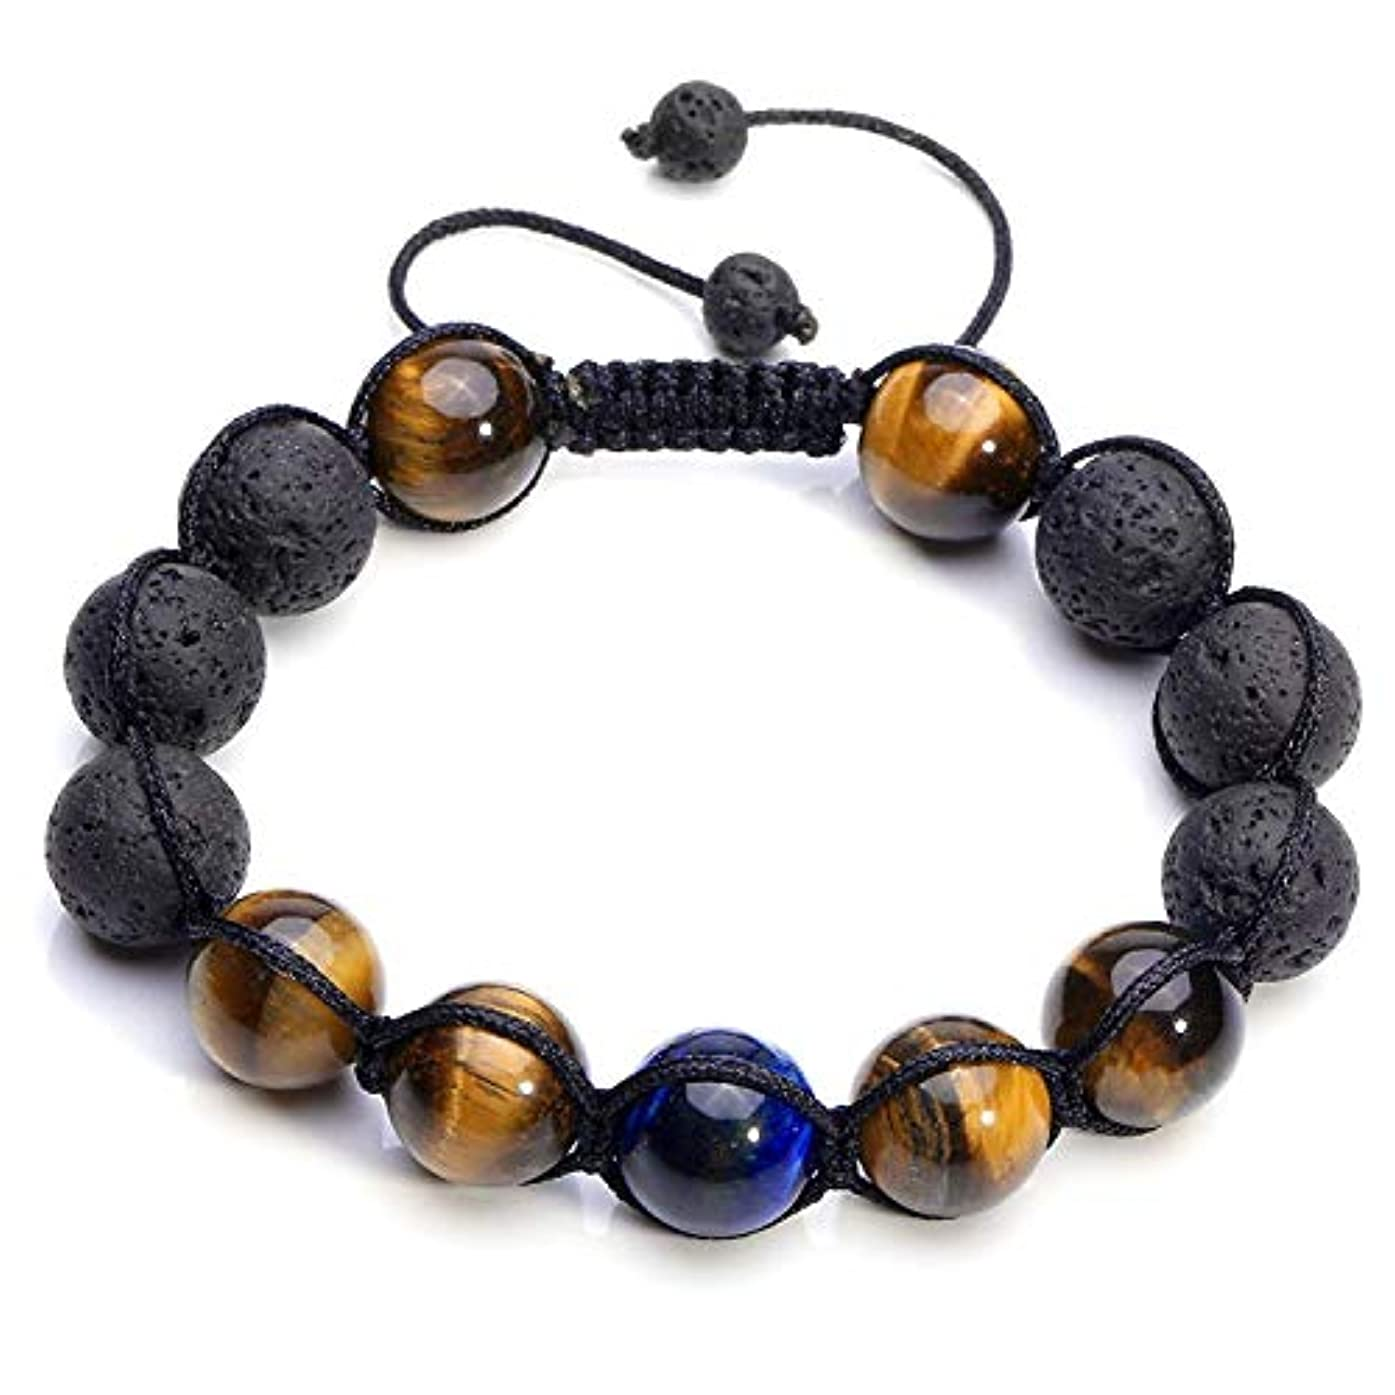 ダメージ法的落ち着いたcrystaltears Adjustable Tiger Eye & Calm Lava Stone Diffuserブレスレット – 瞑想、接地自己自信、アロマセラピー、ヒーリング、エッセンシャルオイル、